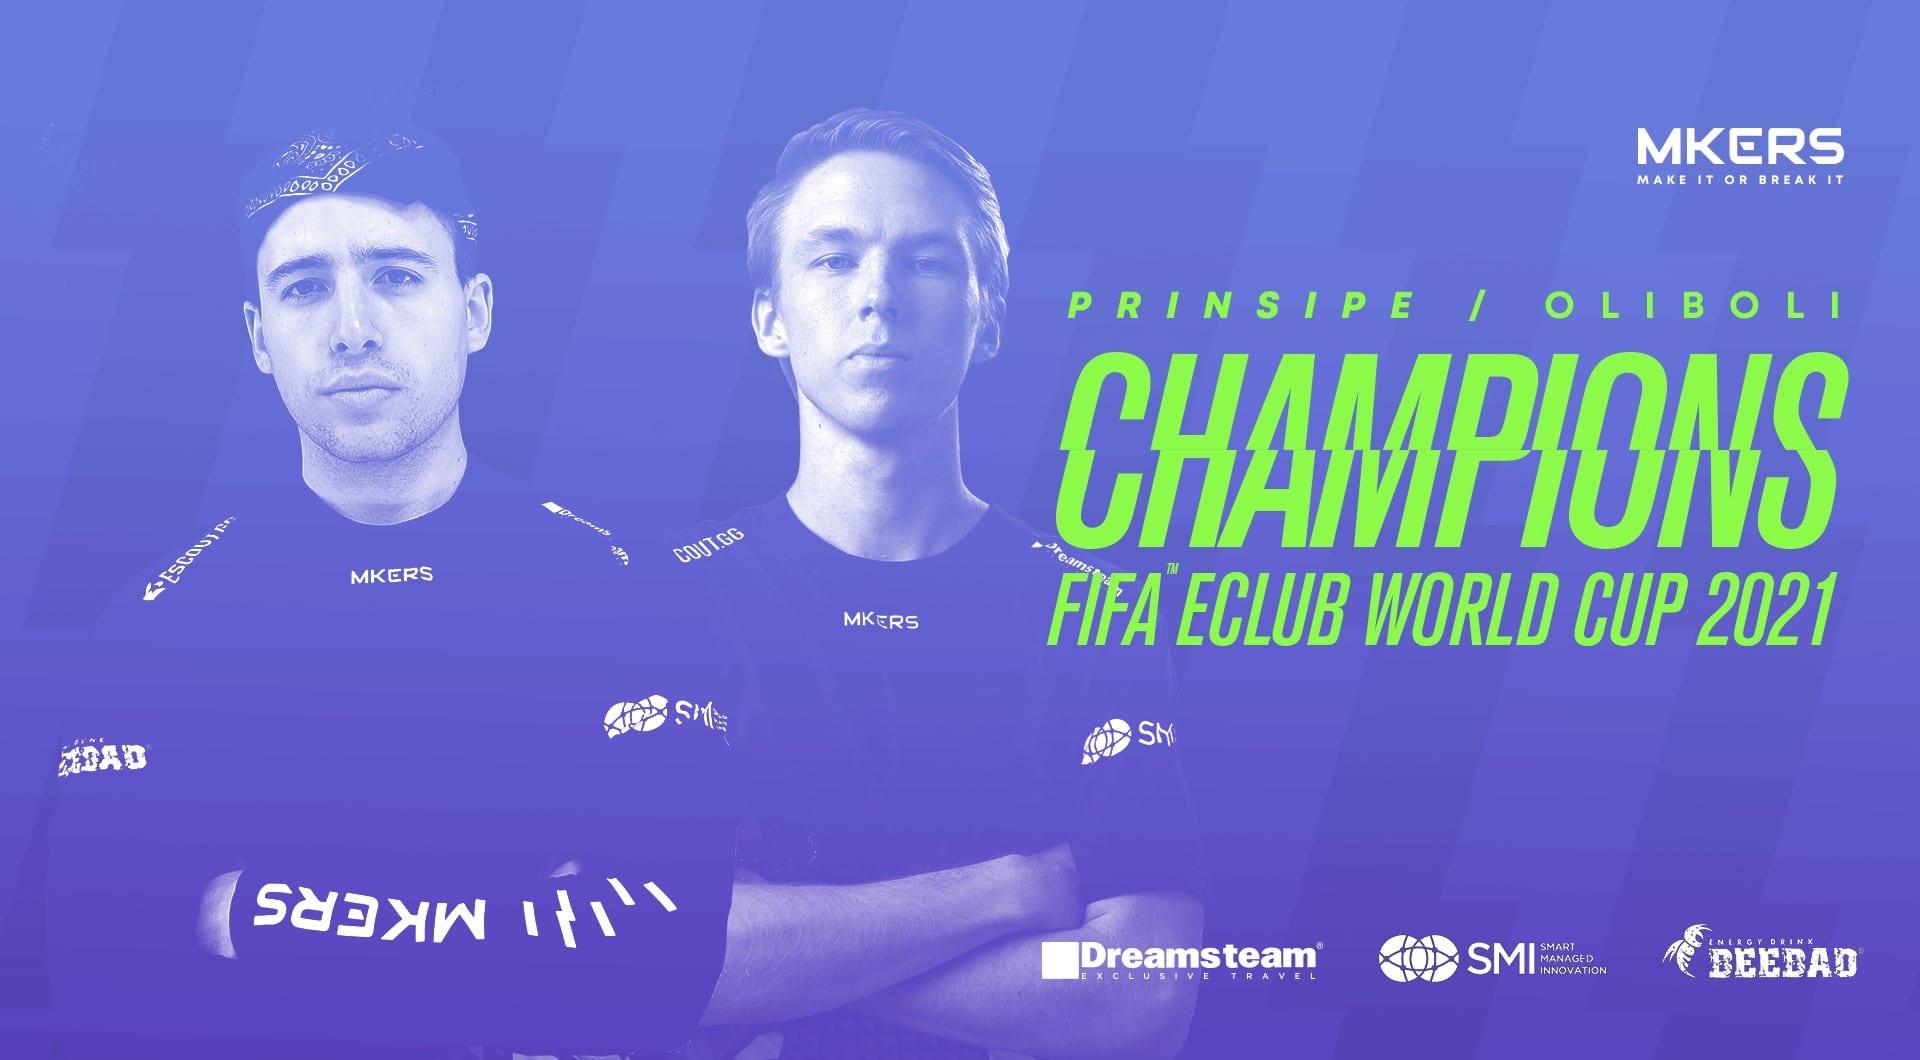 Mkers è campione della FIFA eClub World Cup